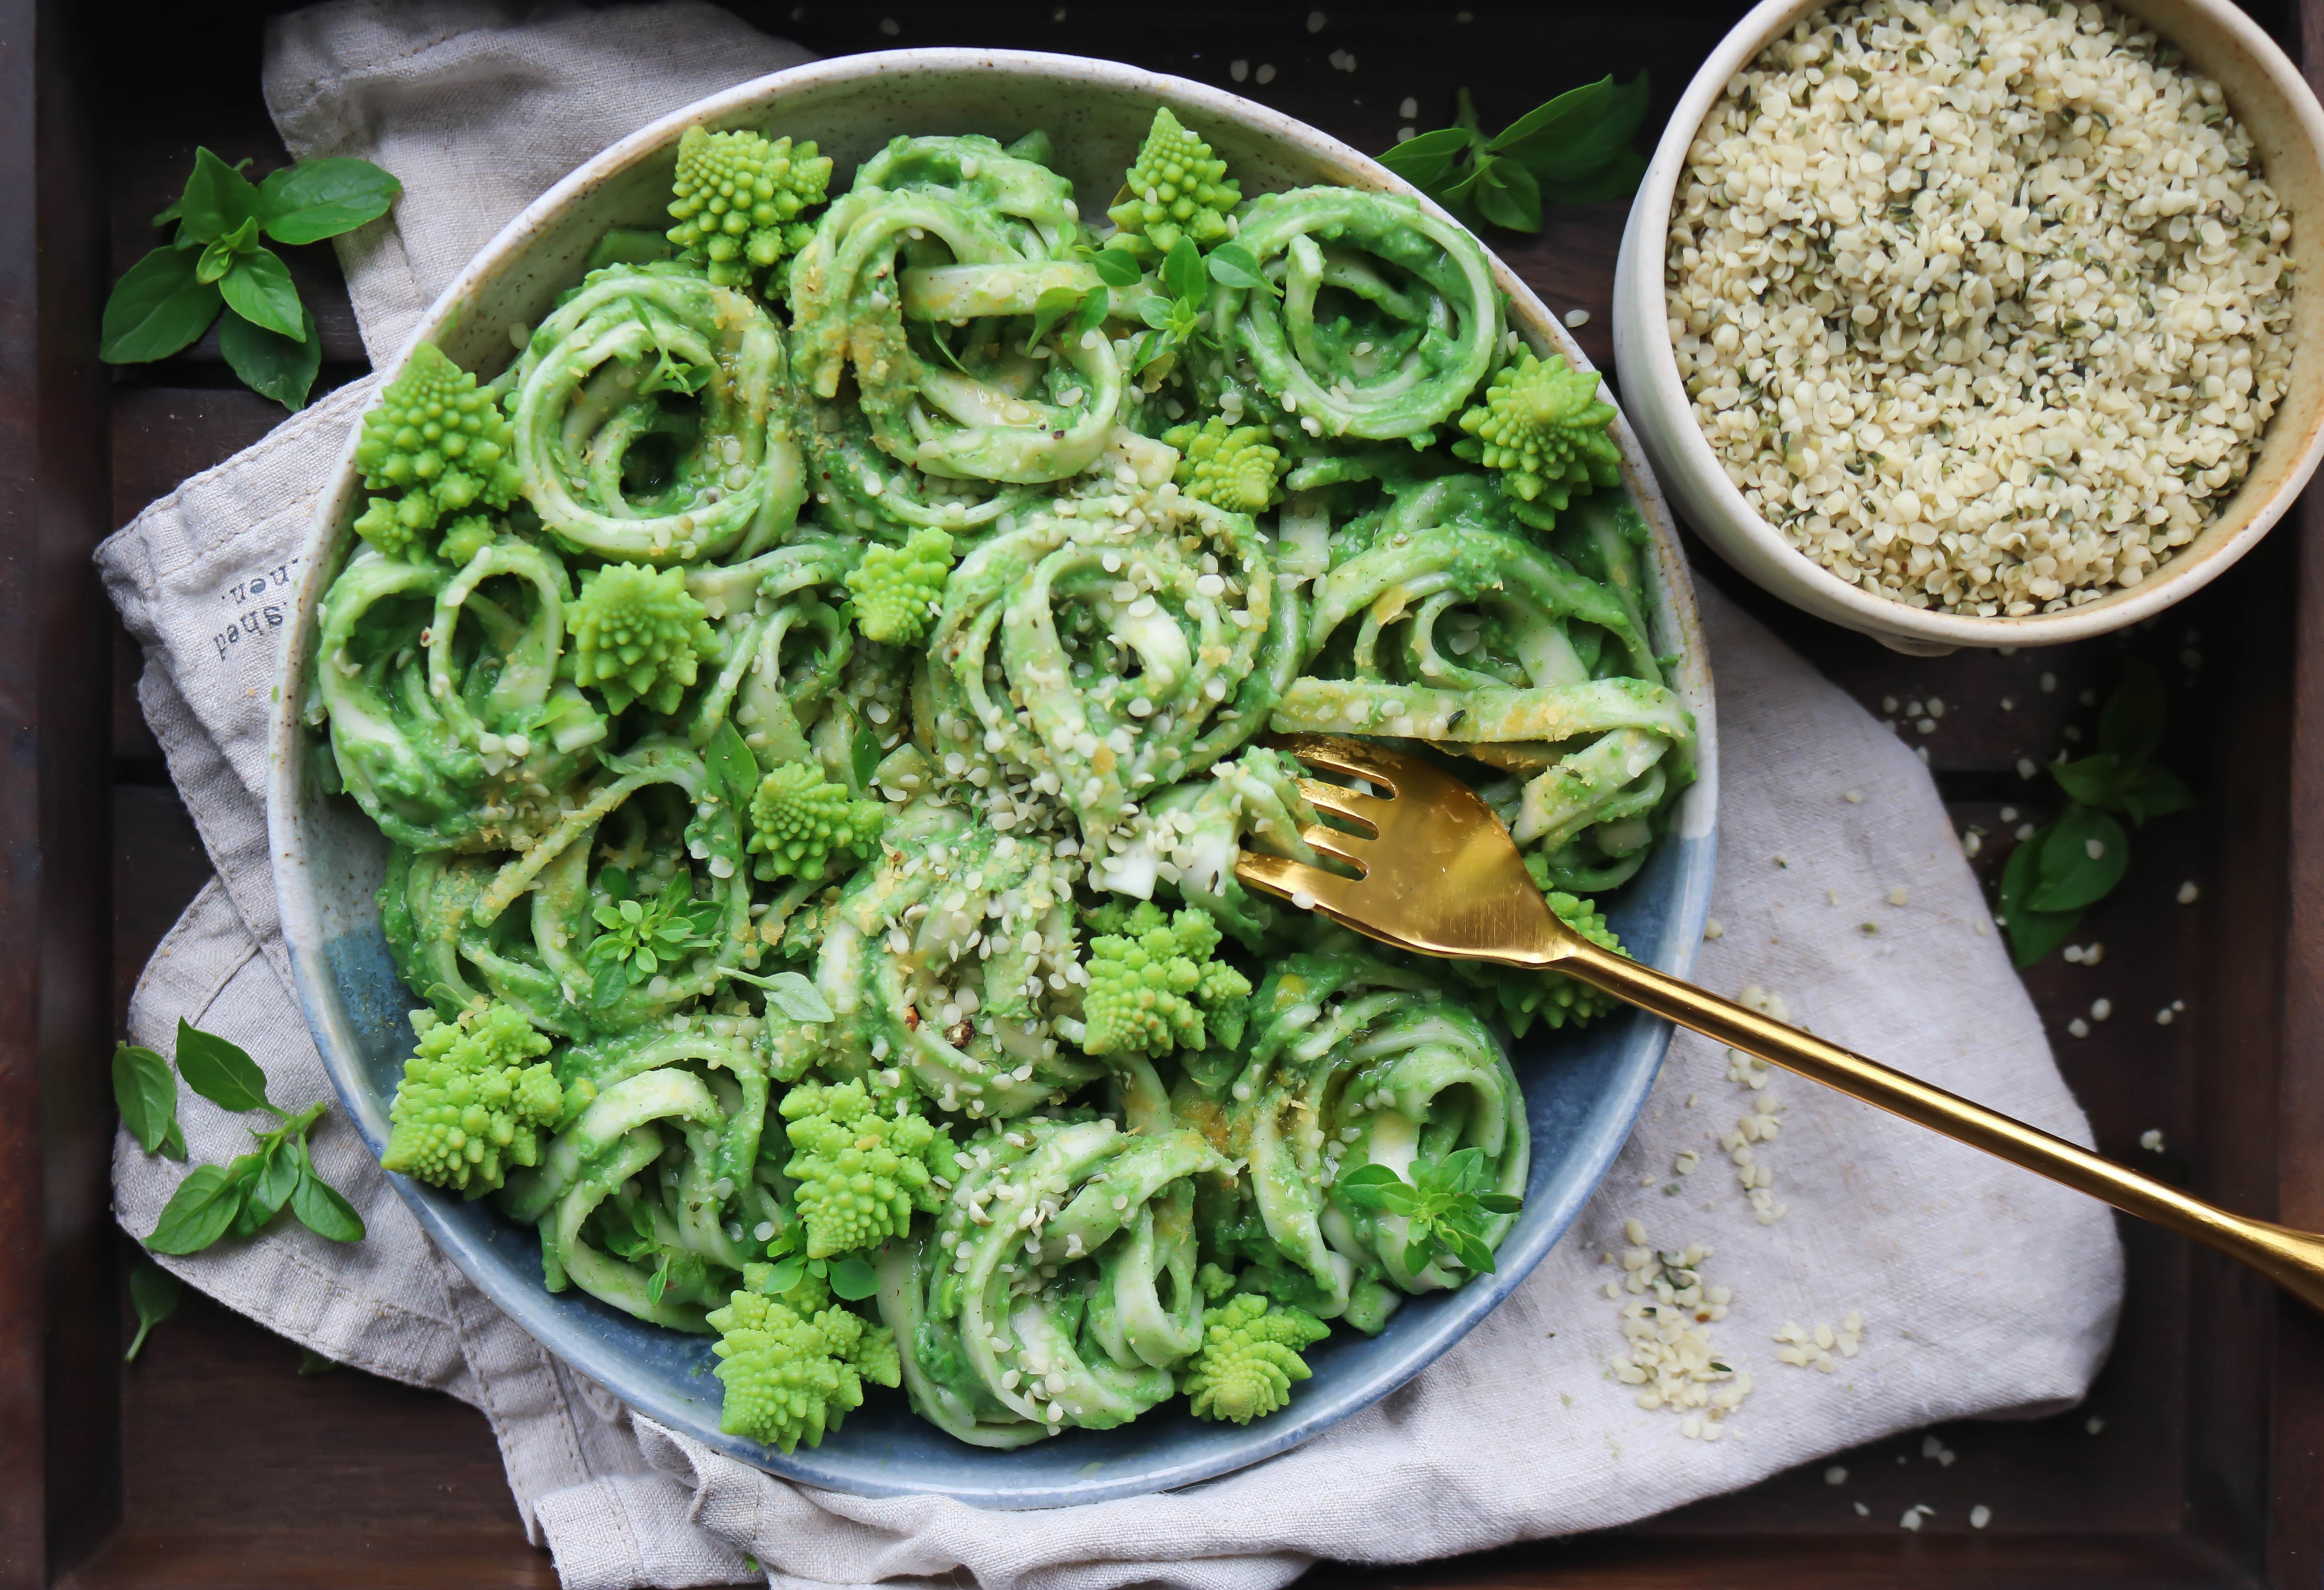 Pea and Avocado Super Green Pasta